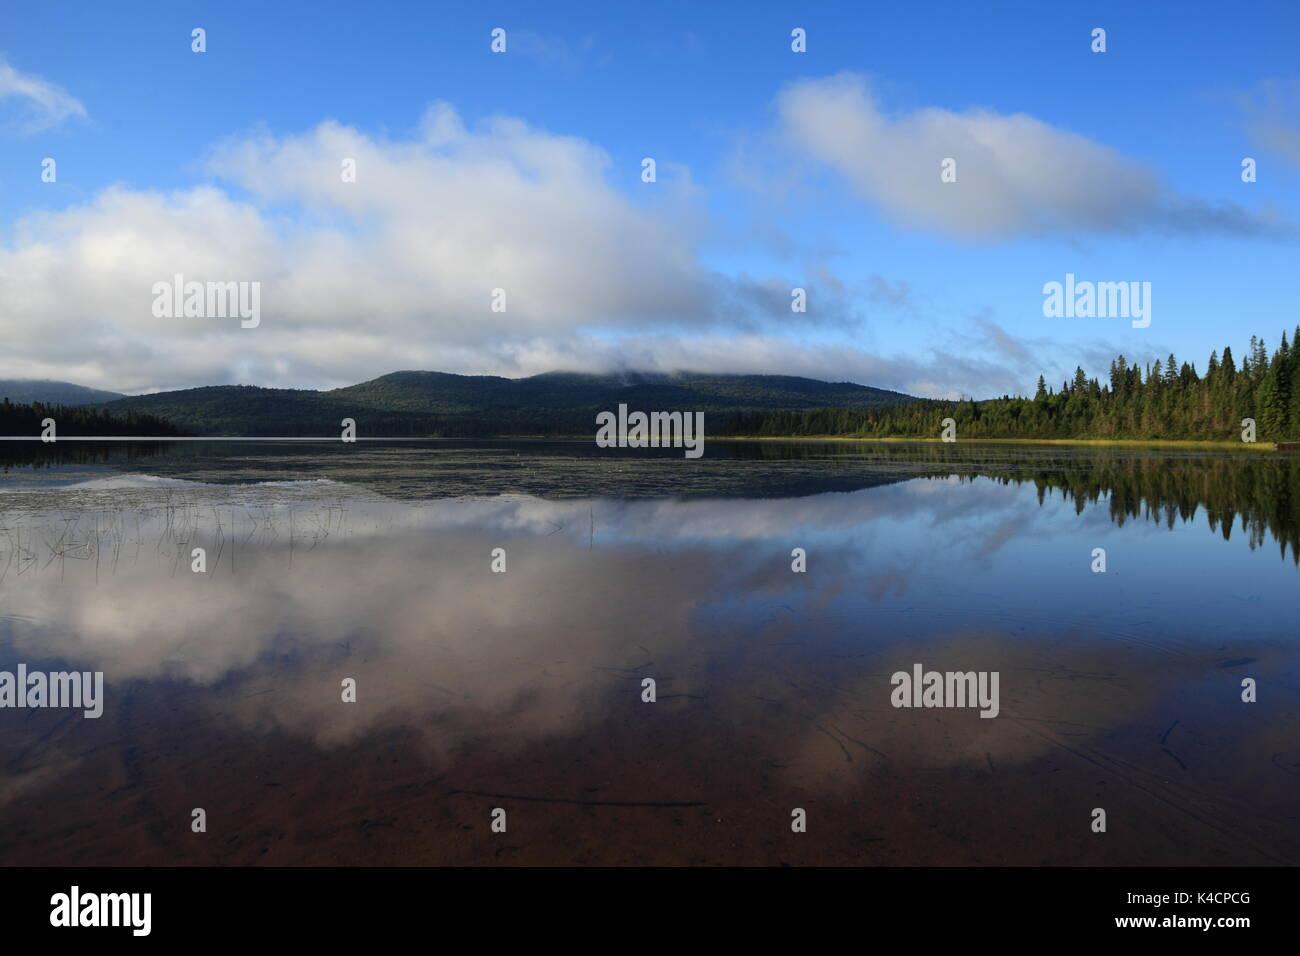 La mañana nubes están sentados en los montes Laurentides en lac escalier en mont-tremblant national park, Quebec, Canadá, 13 de agosto de 2017 Foto de stock